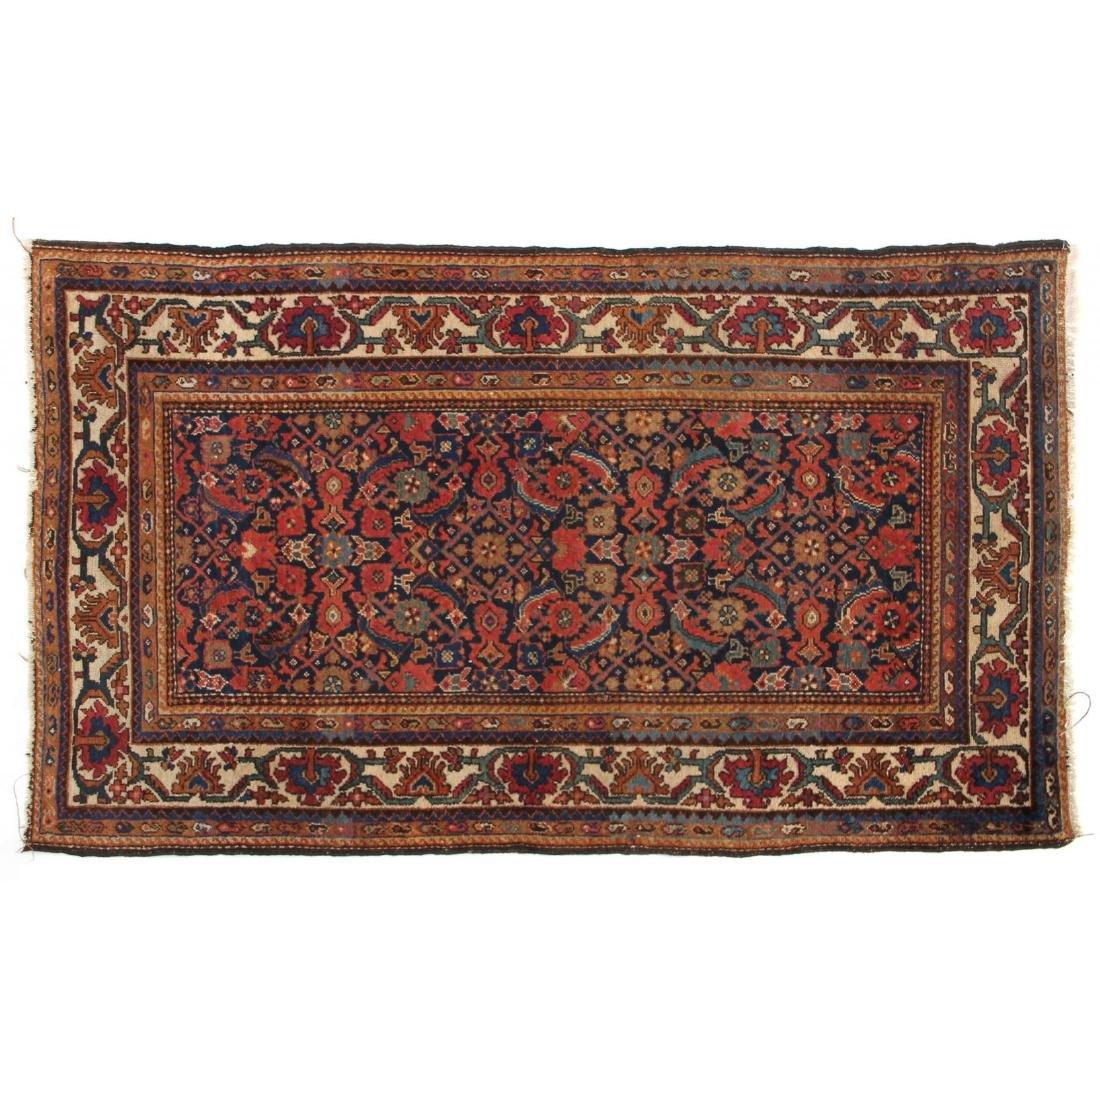 Semi Antique Persian Kurdish Area Rug